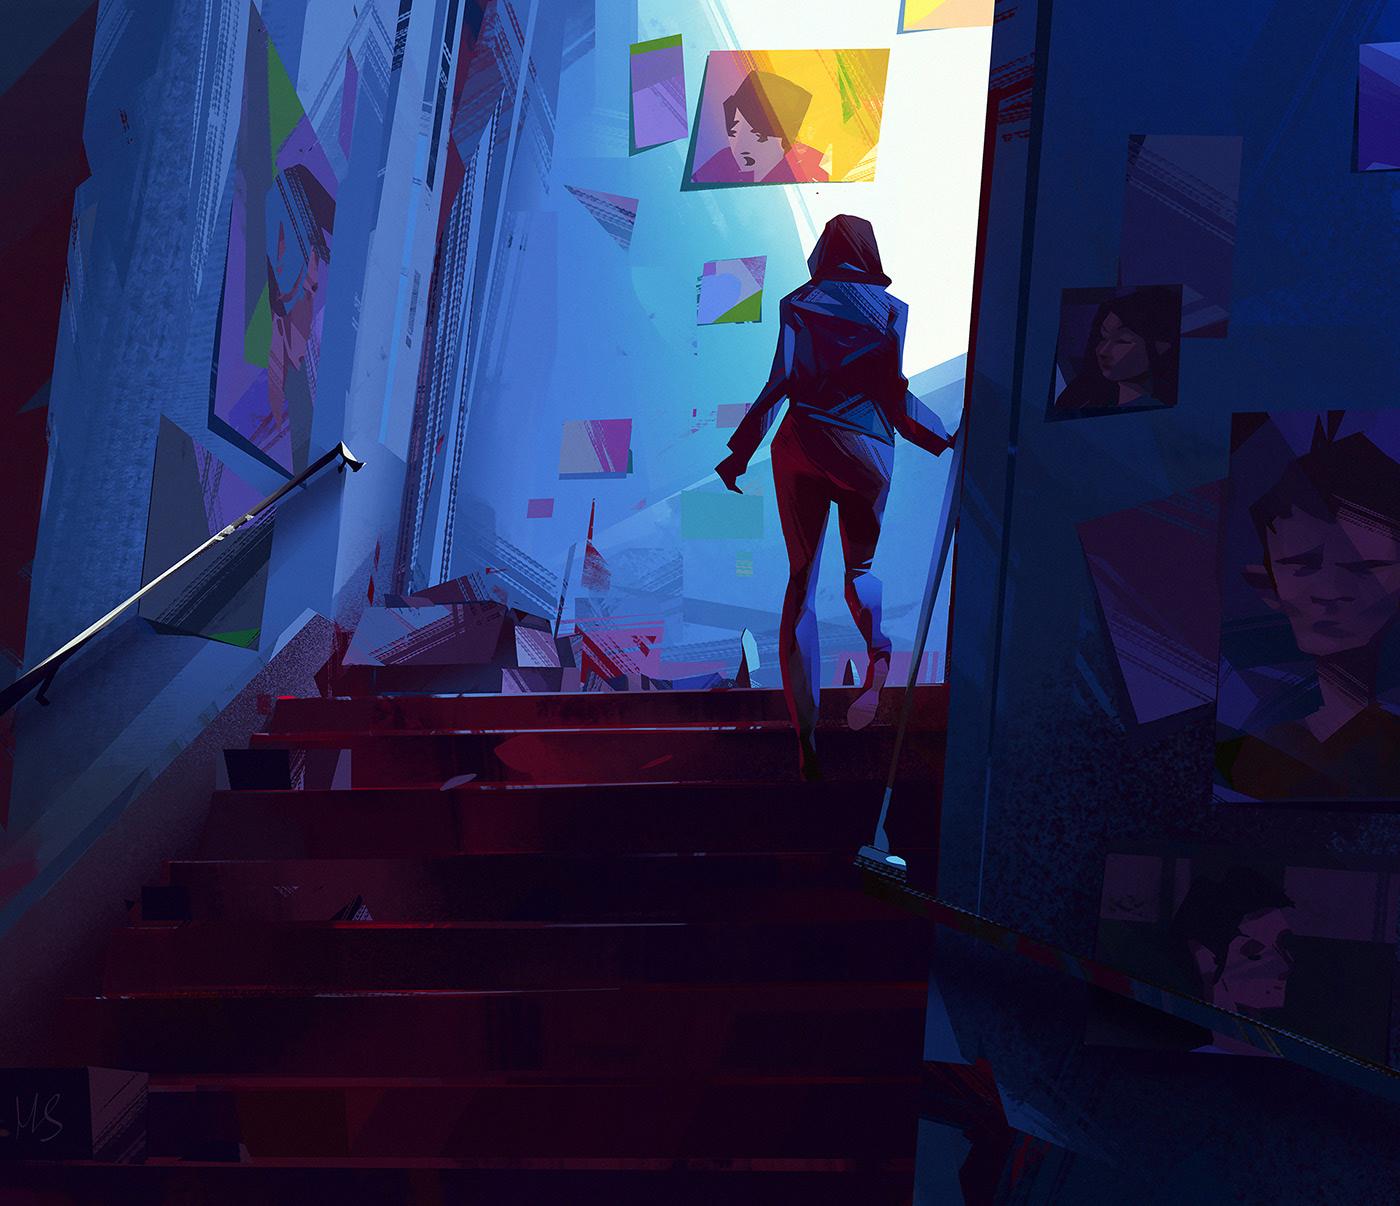 De animaties van Michal Sawtyru